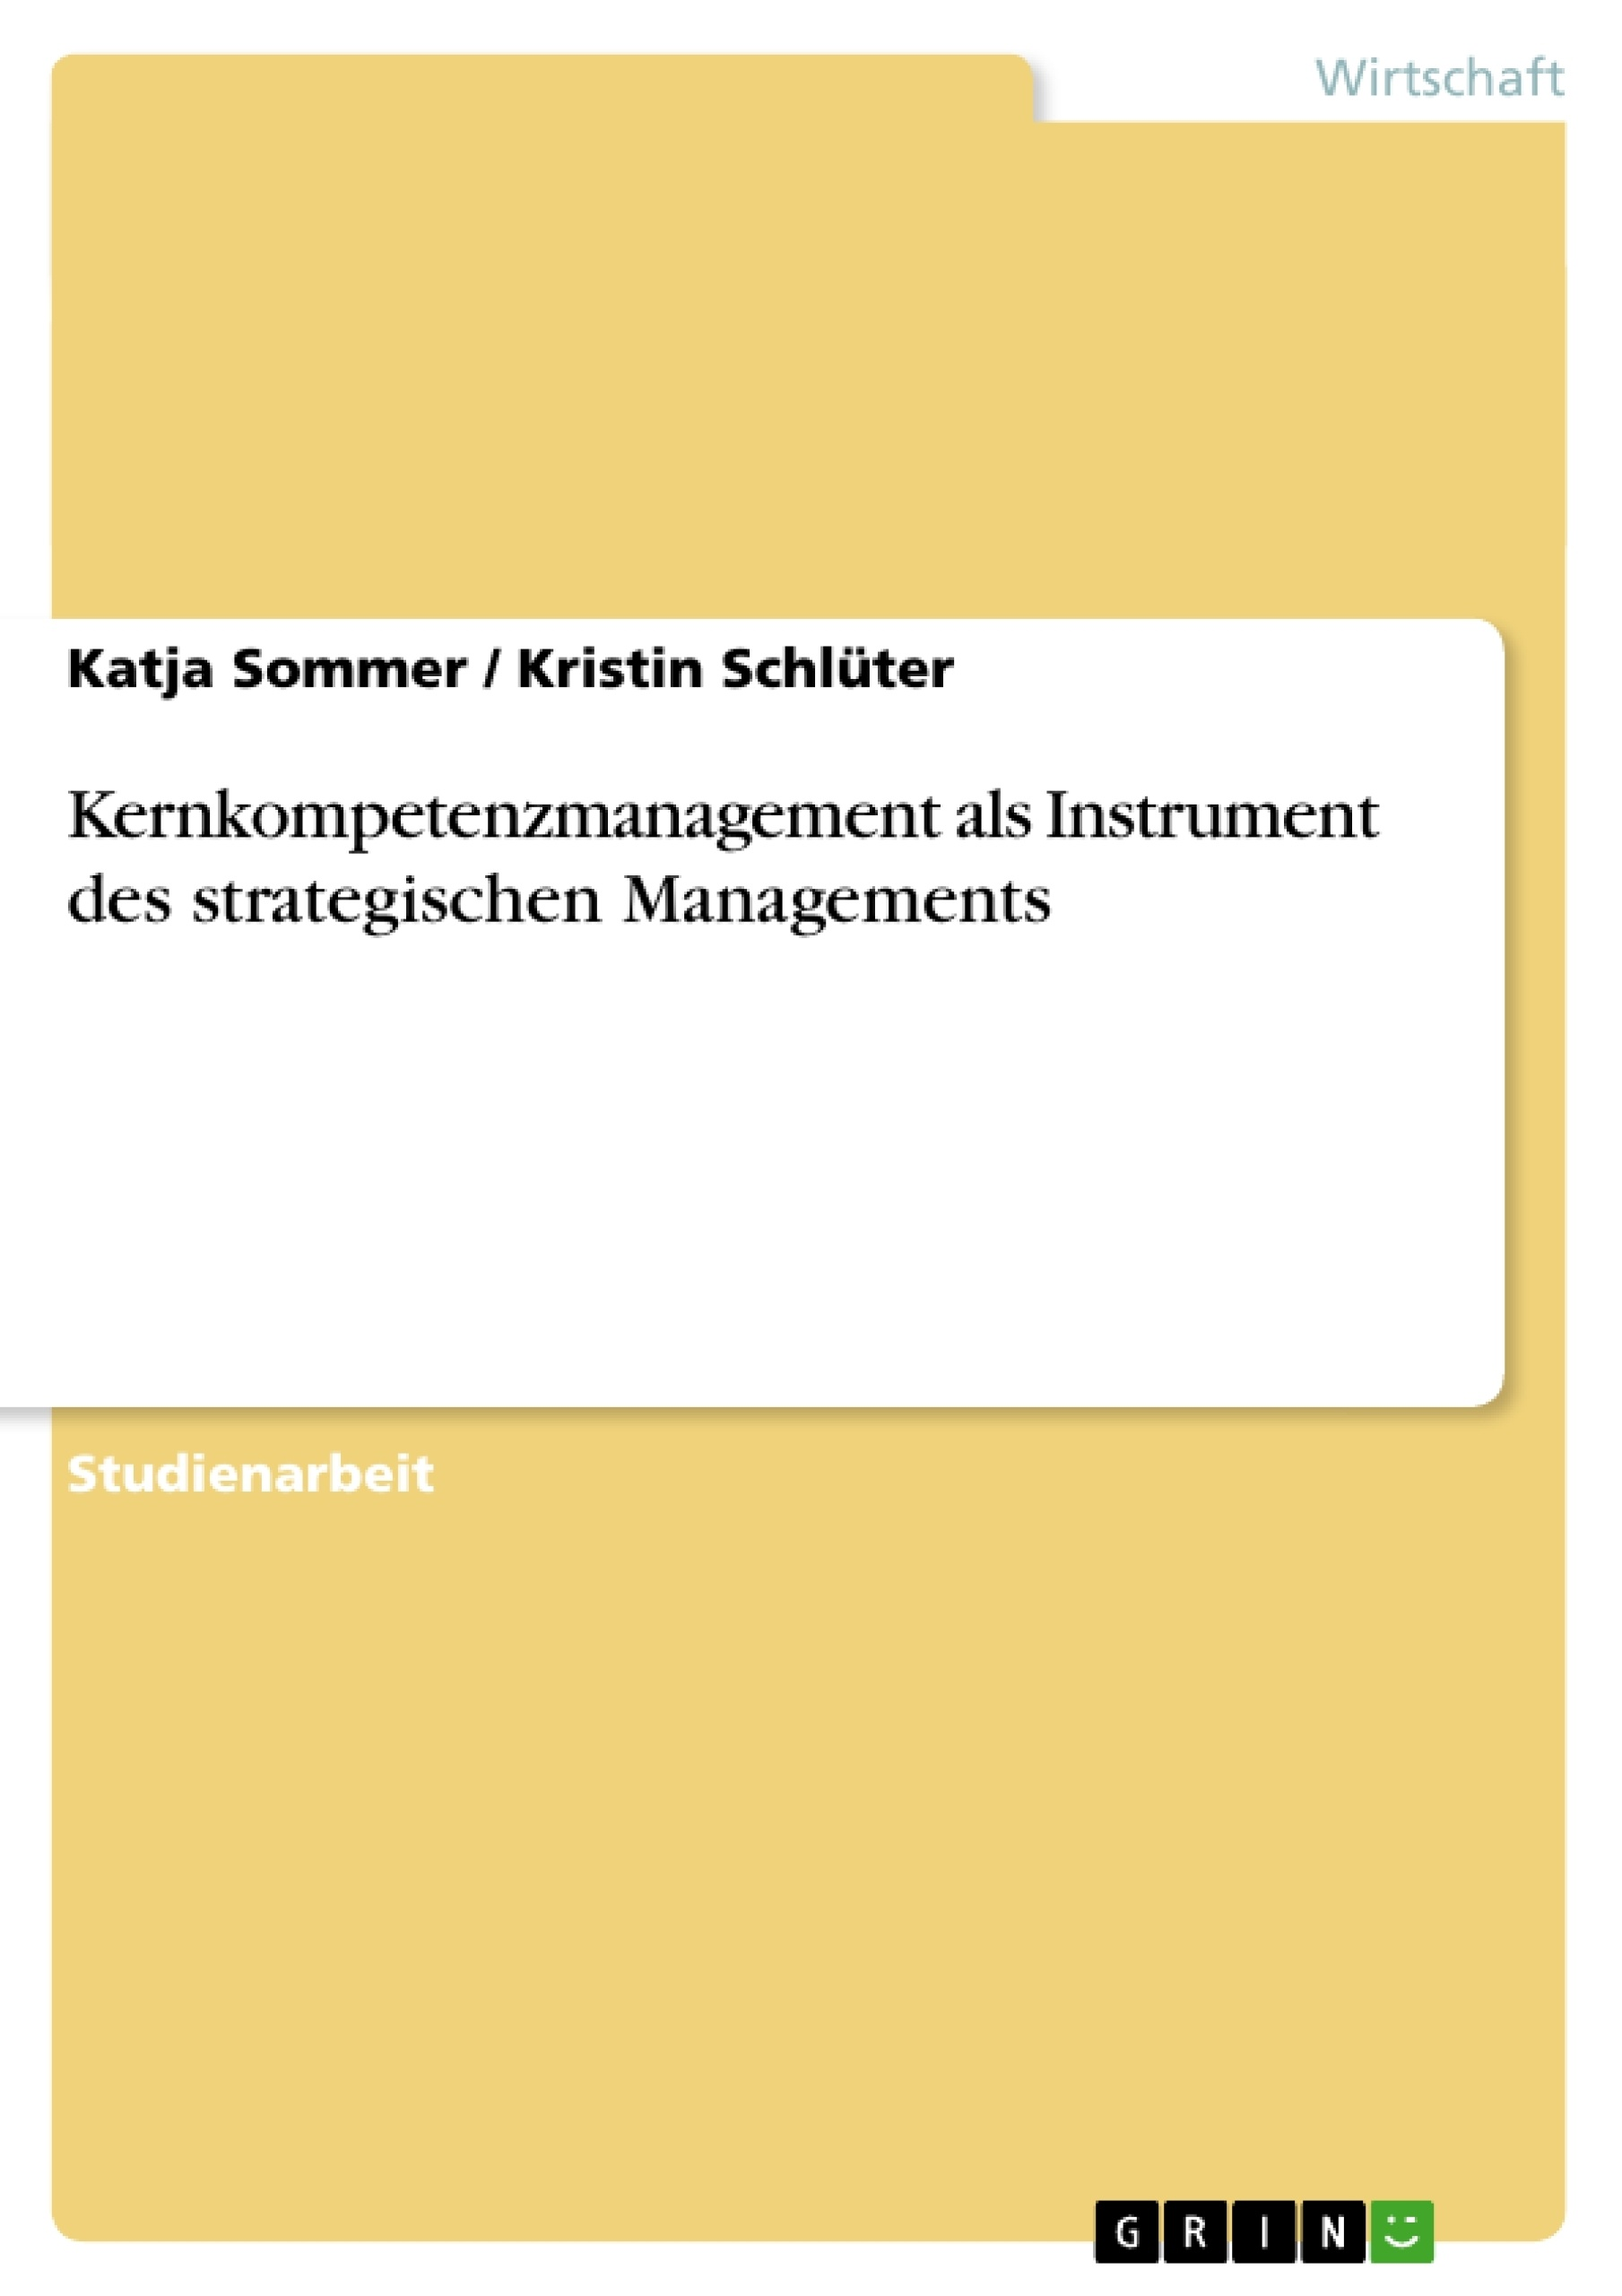 Titel: Kernkompetenzmanagement als Instrument des strategischen Managements